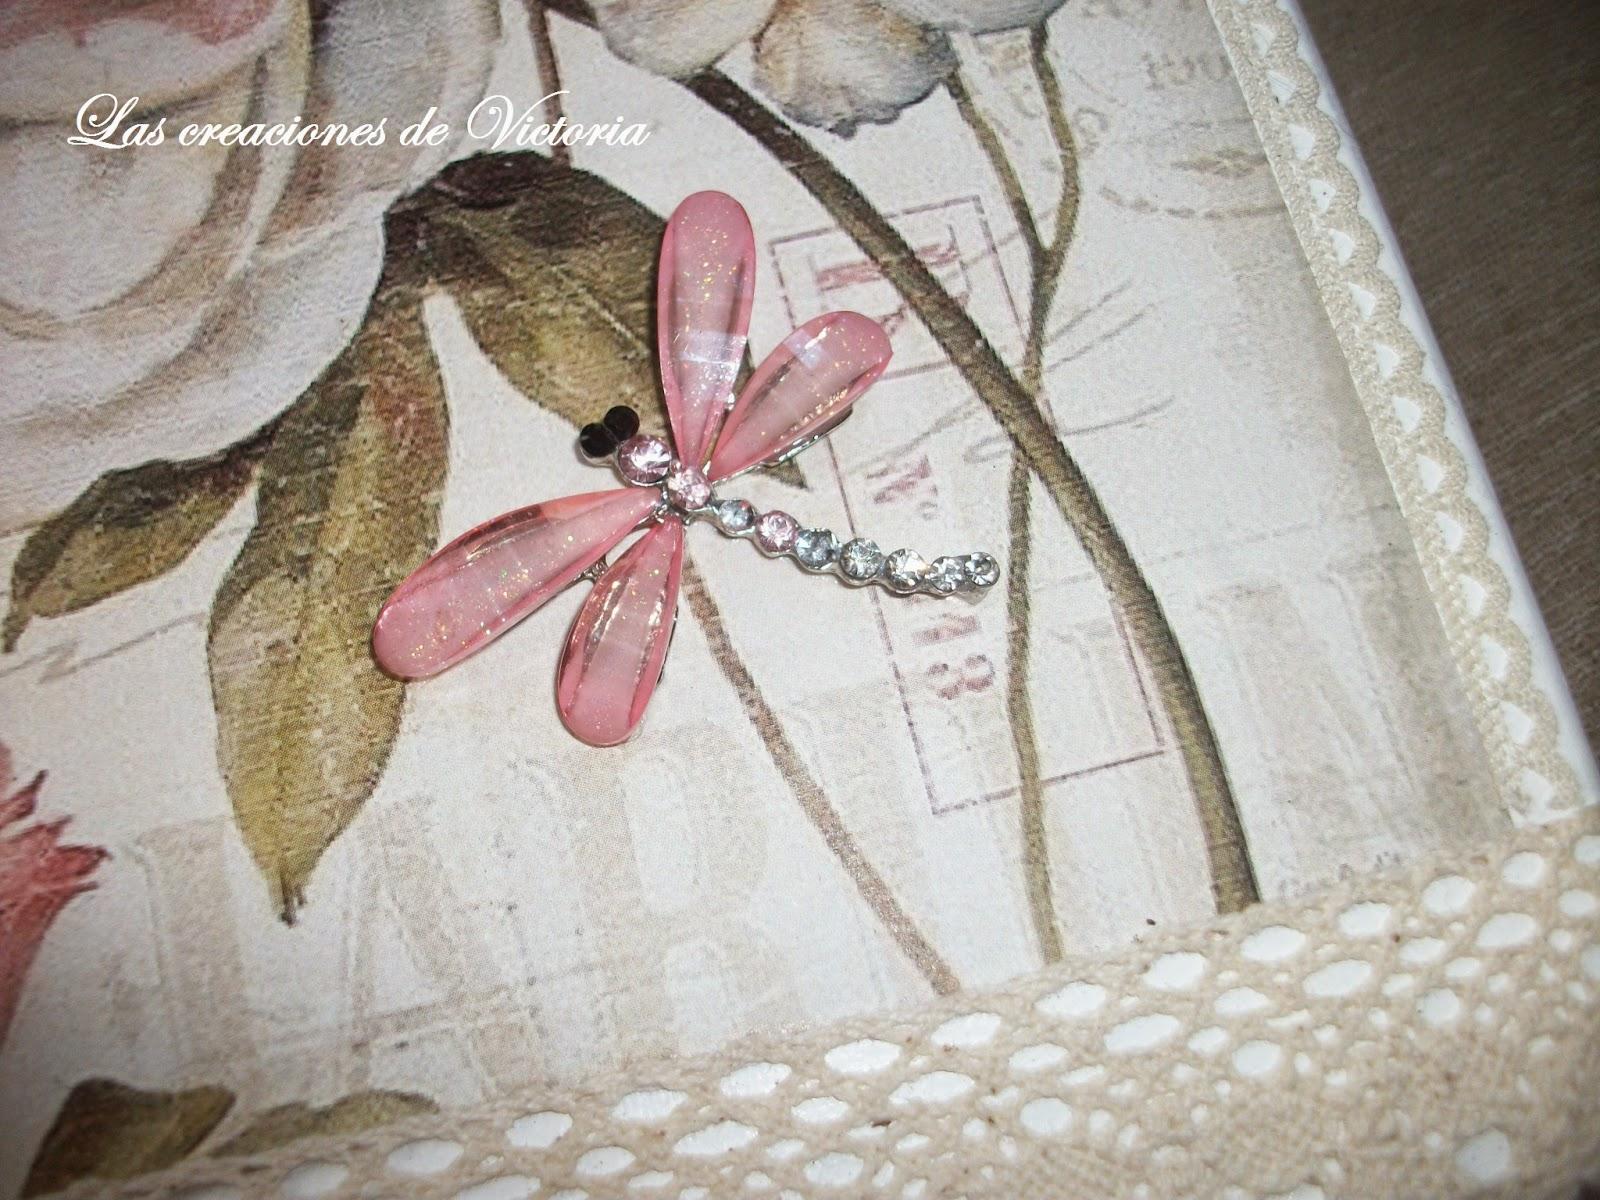 Las creaciones de Victoria. Vintage. Reciclaje caja de cartón.